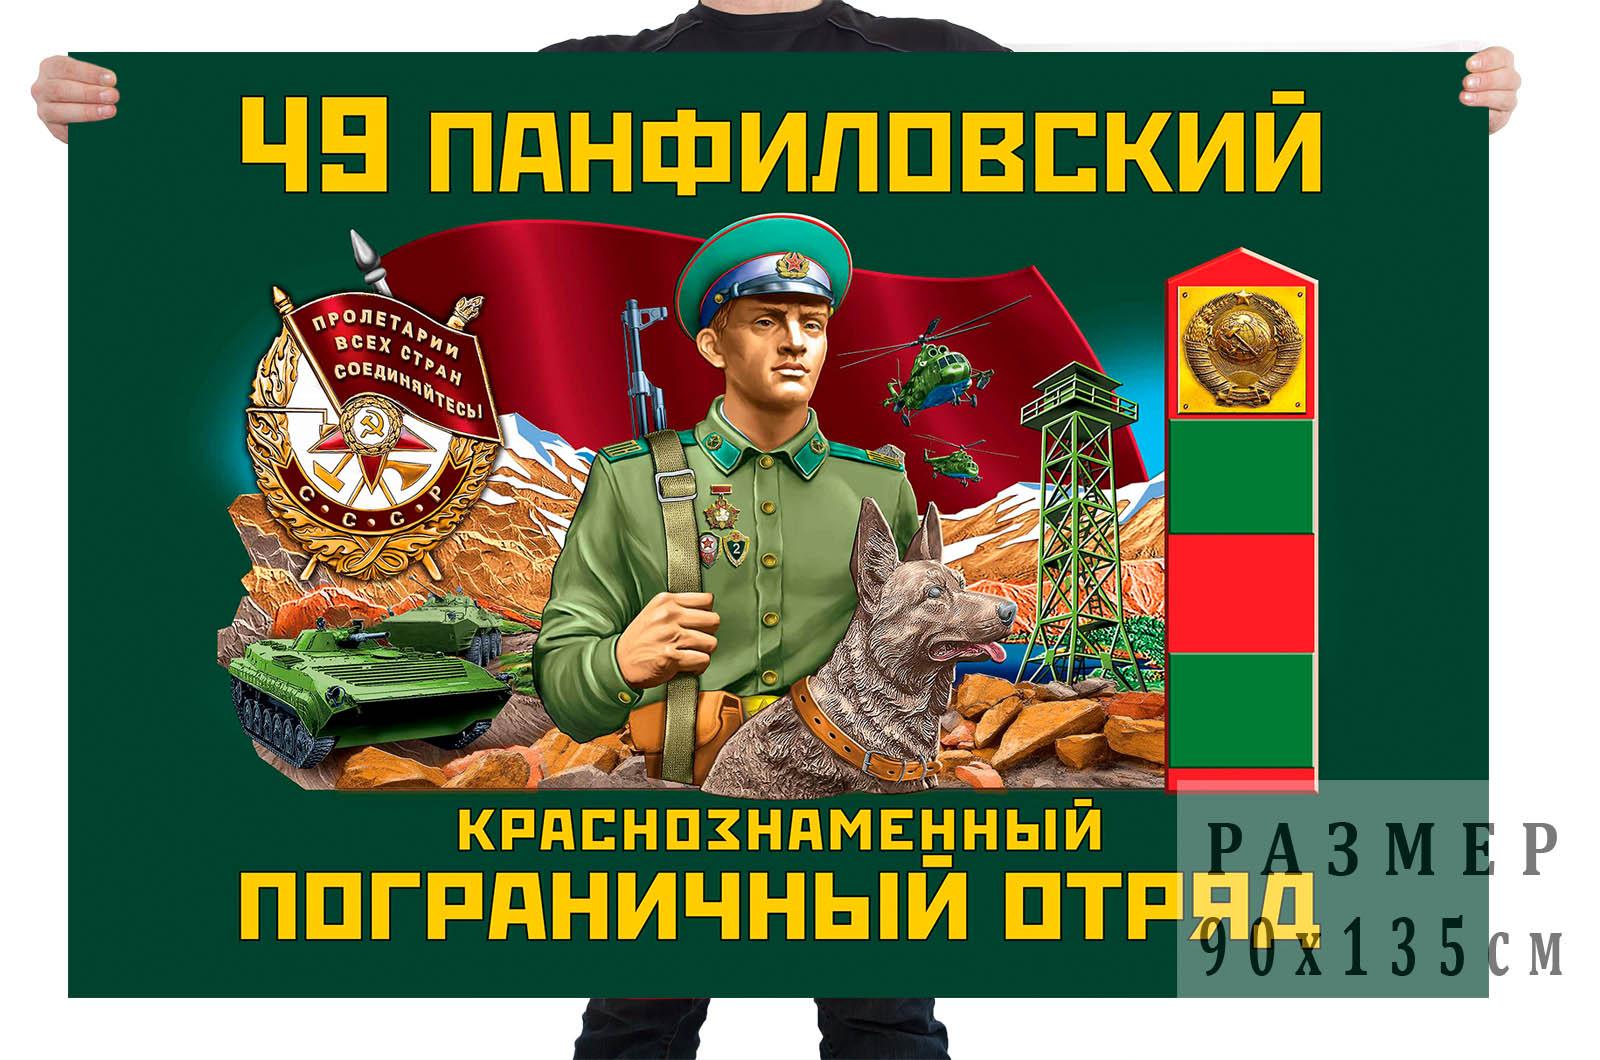 Флаг 49 Панфиловского Краснознамённого пограничного отряда